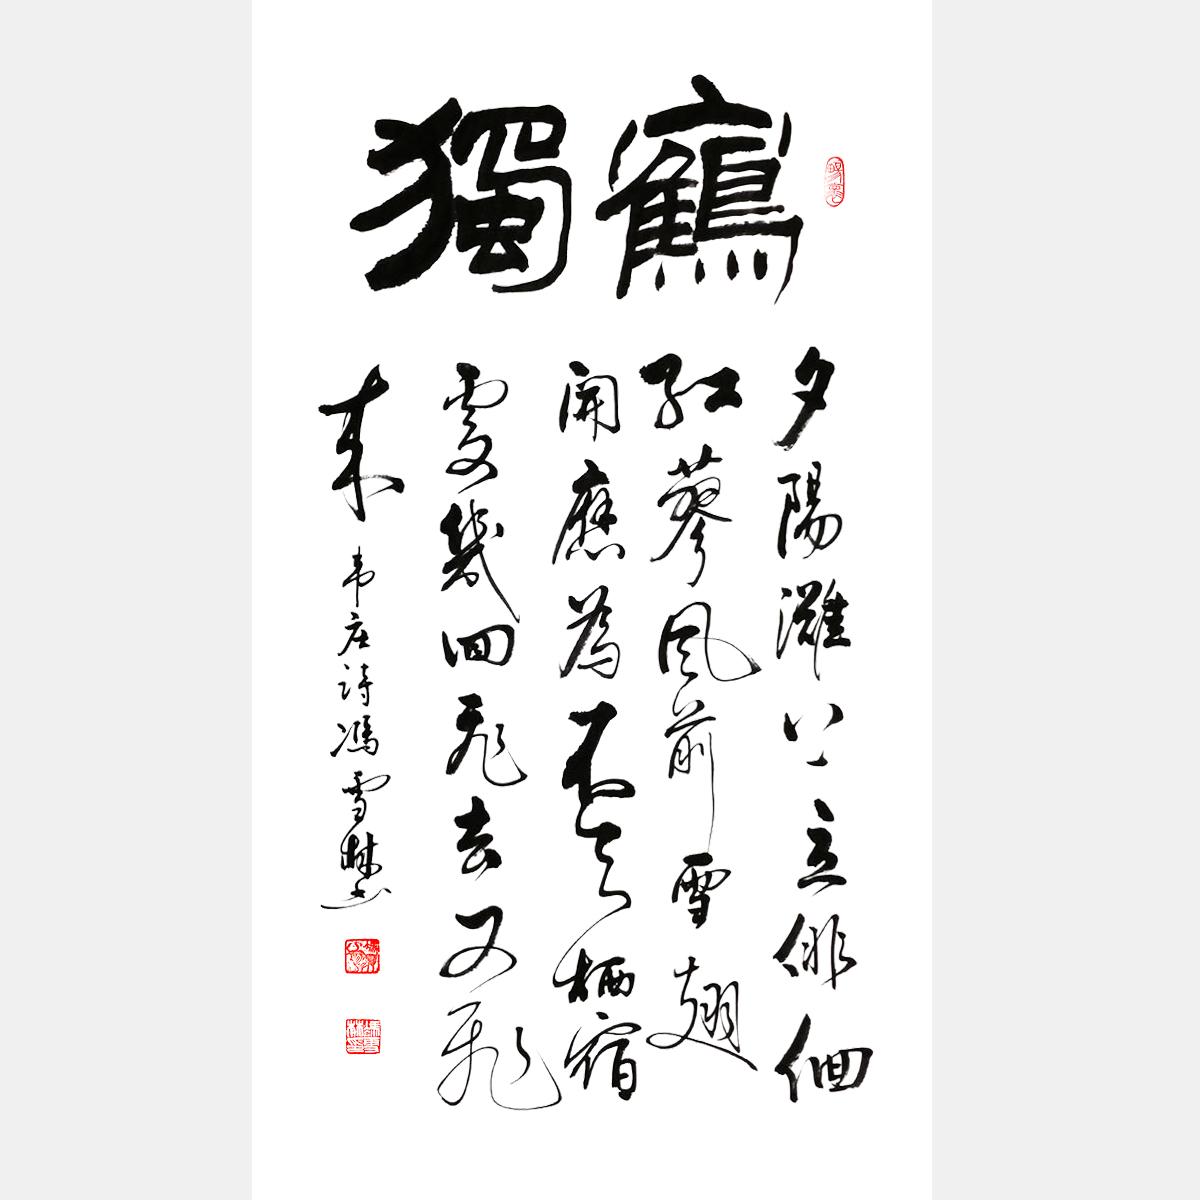 唐朝诗人韦庄《独鹤》行书 条幅